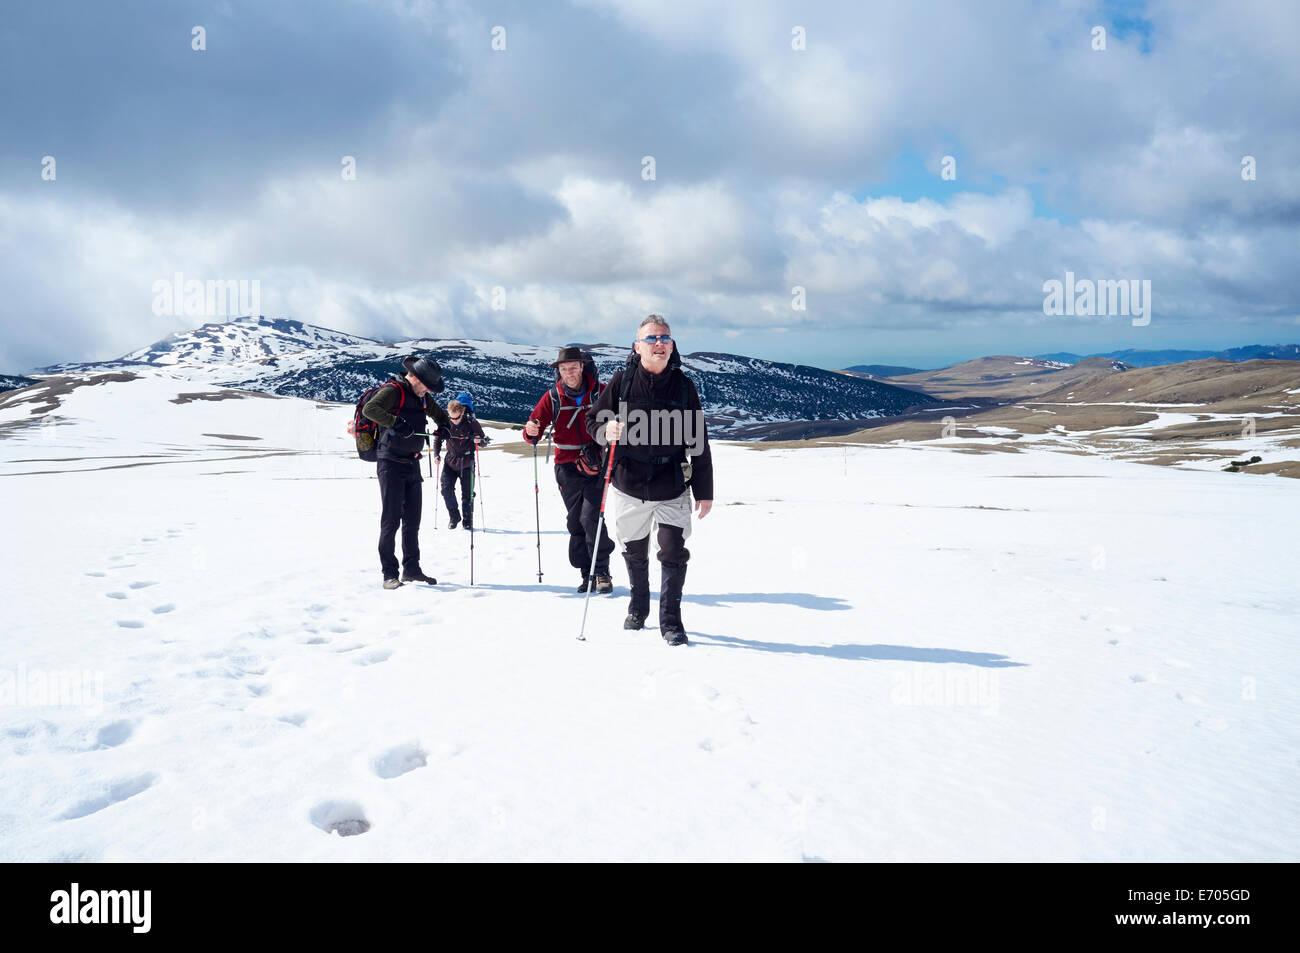 Four men hiking in snow, Bucegi Mountains, Transylvania, Romania - Stock Image